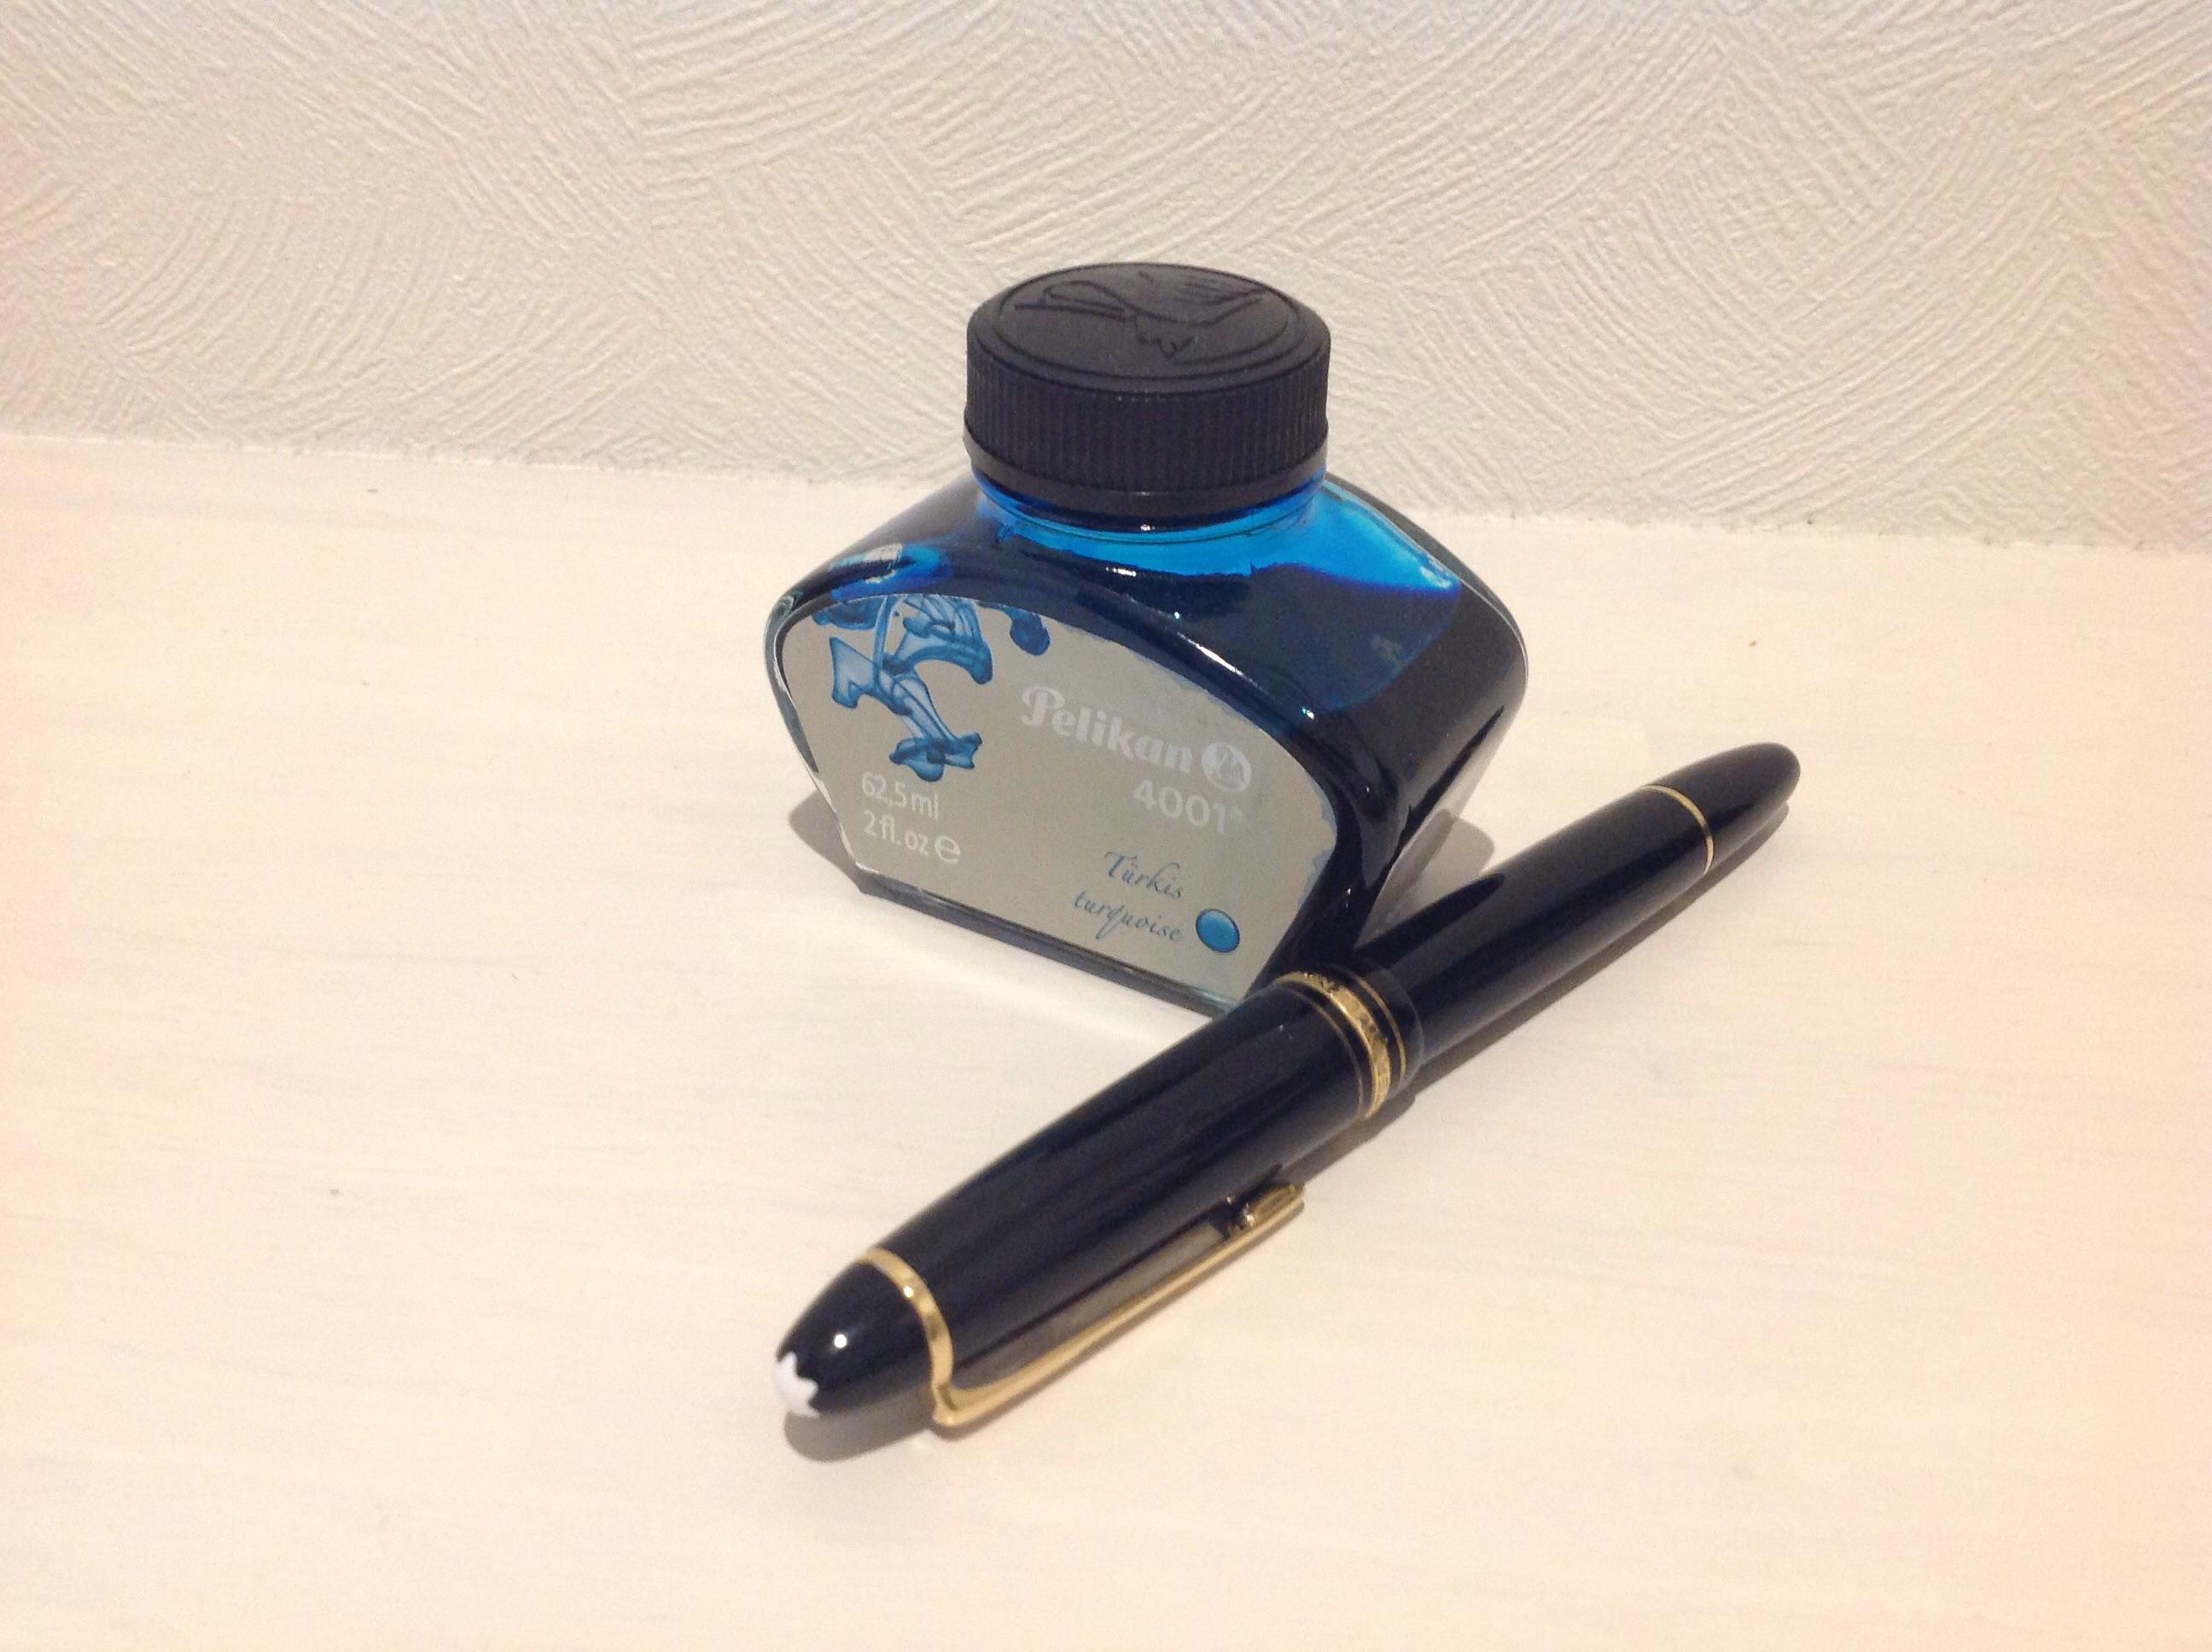 ターコイズブルーという赤味の少ない青色が、今お気に入りの万年筆のインク